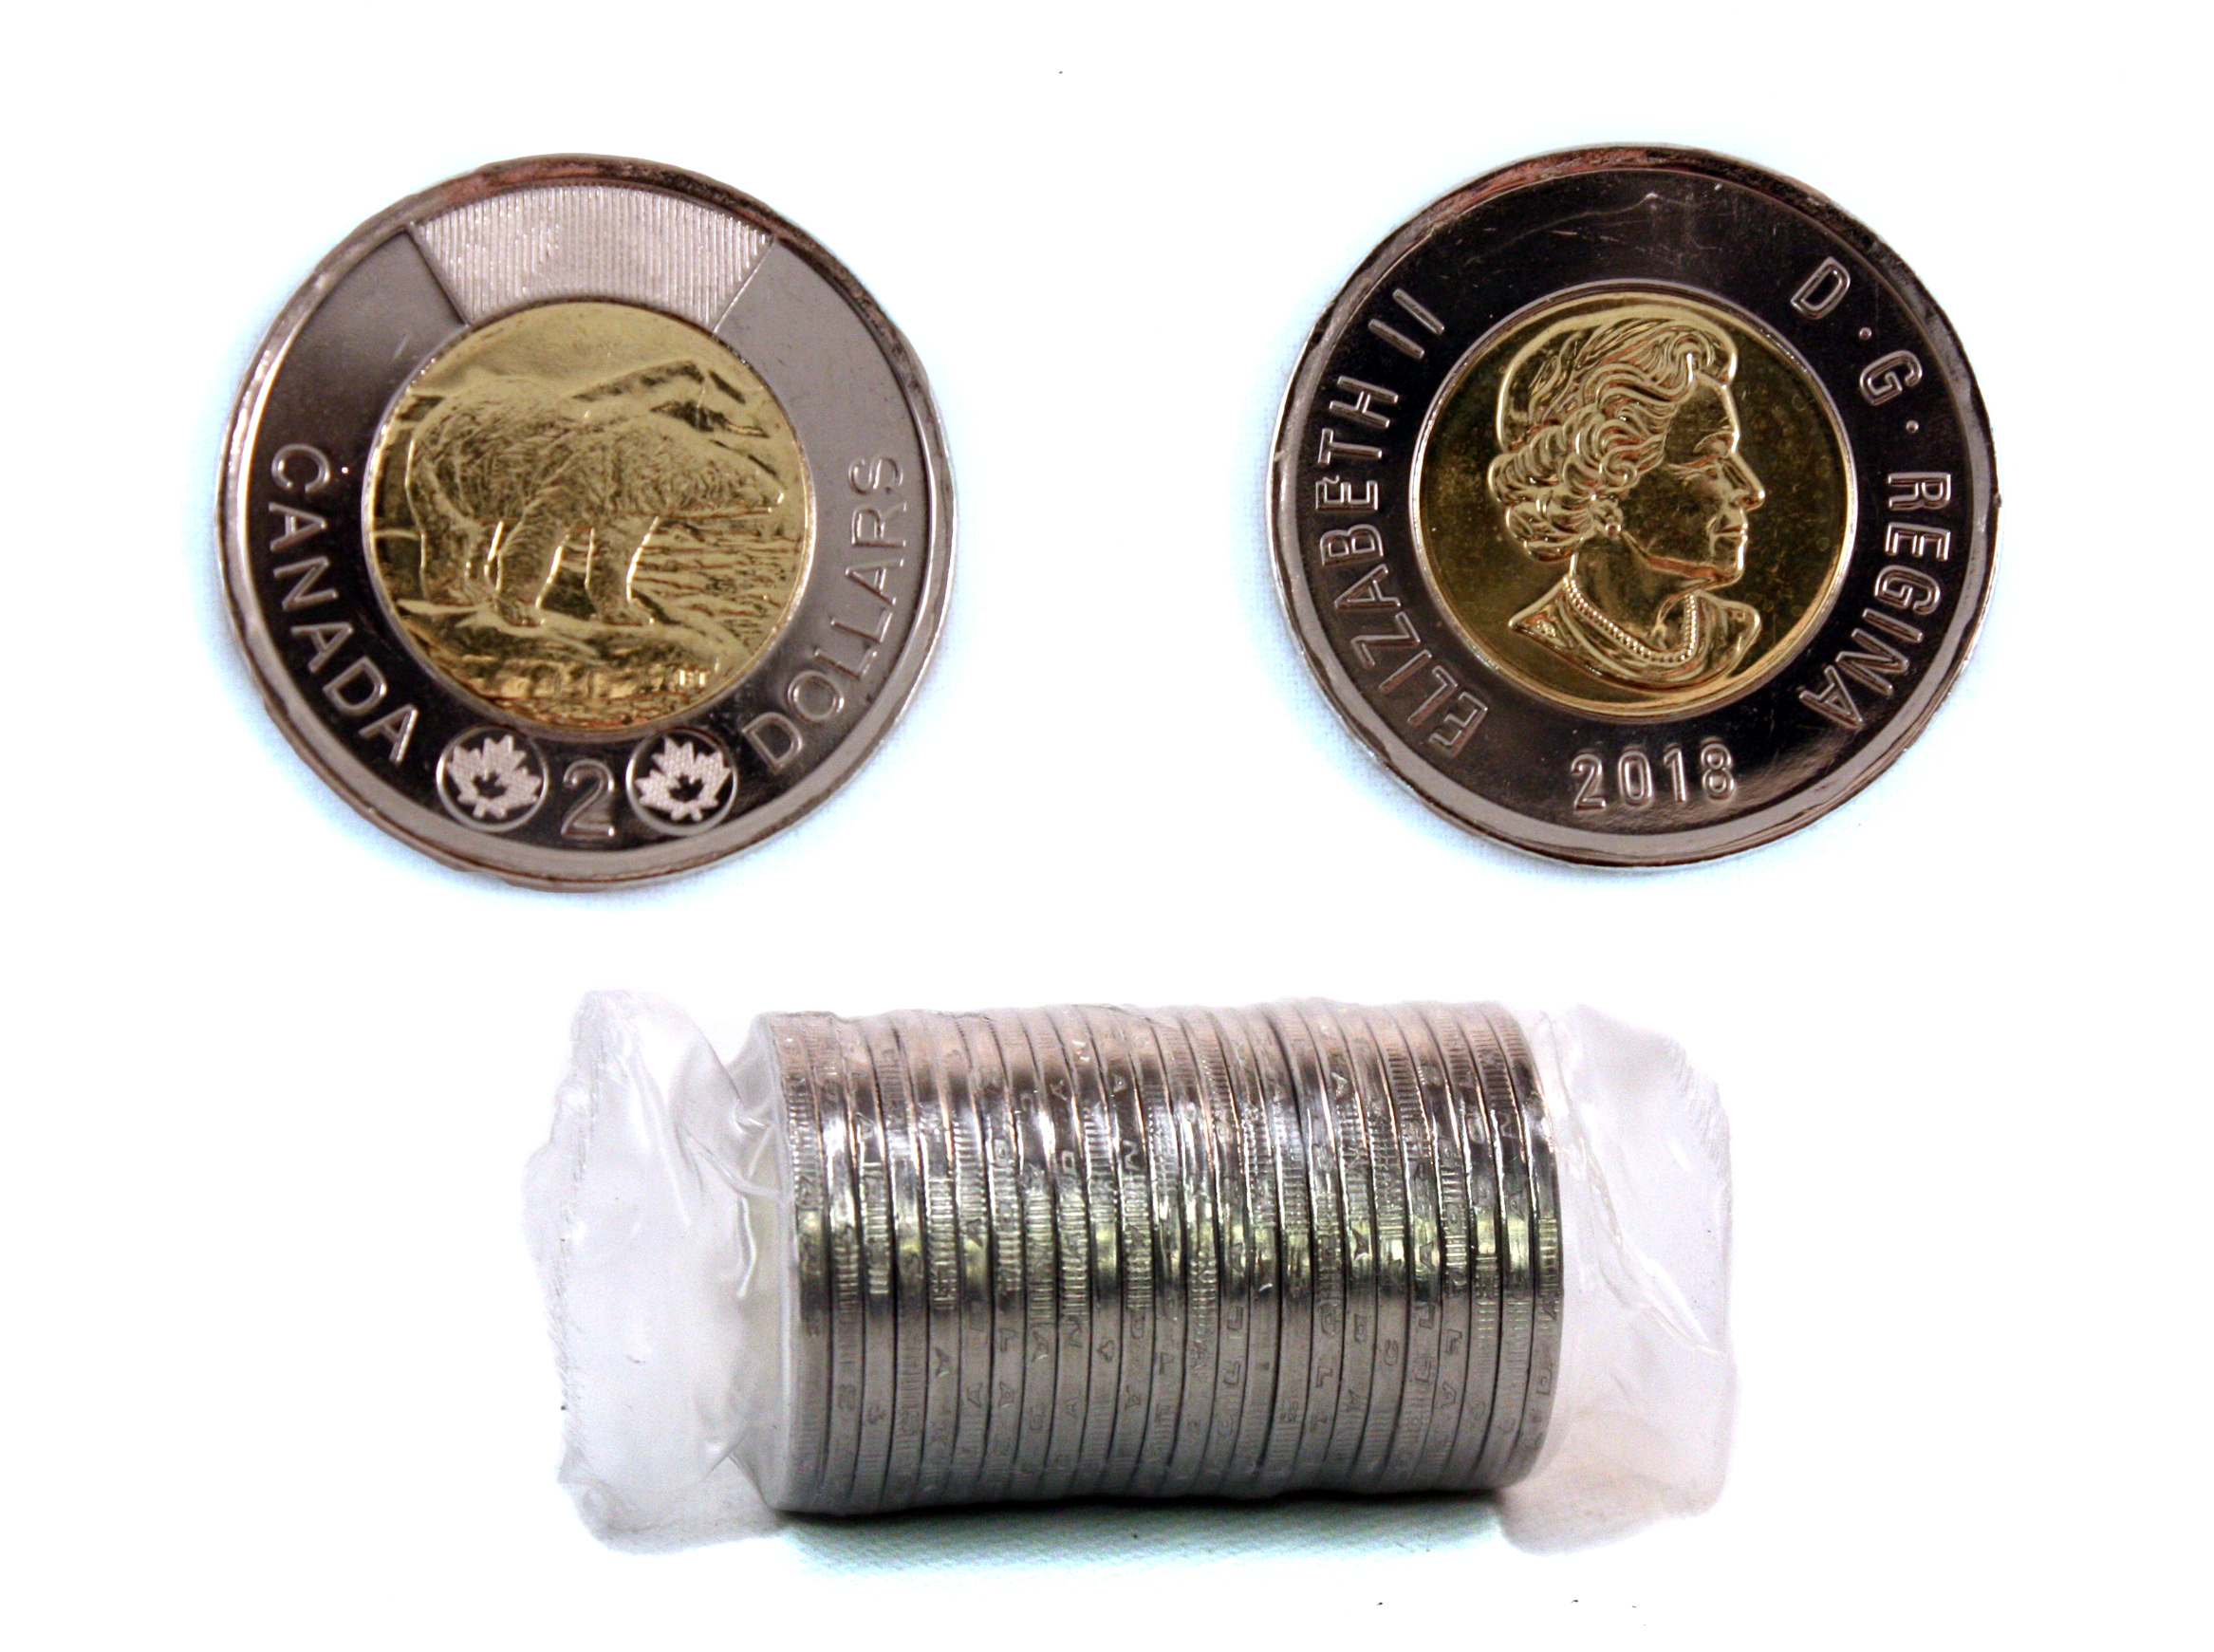 2-DOLLAR -  2018 2-DOLLAR ORIGINAL ROLL -  2018 CANADIAN COINS